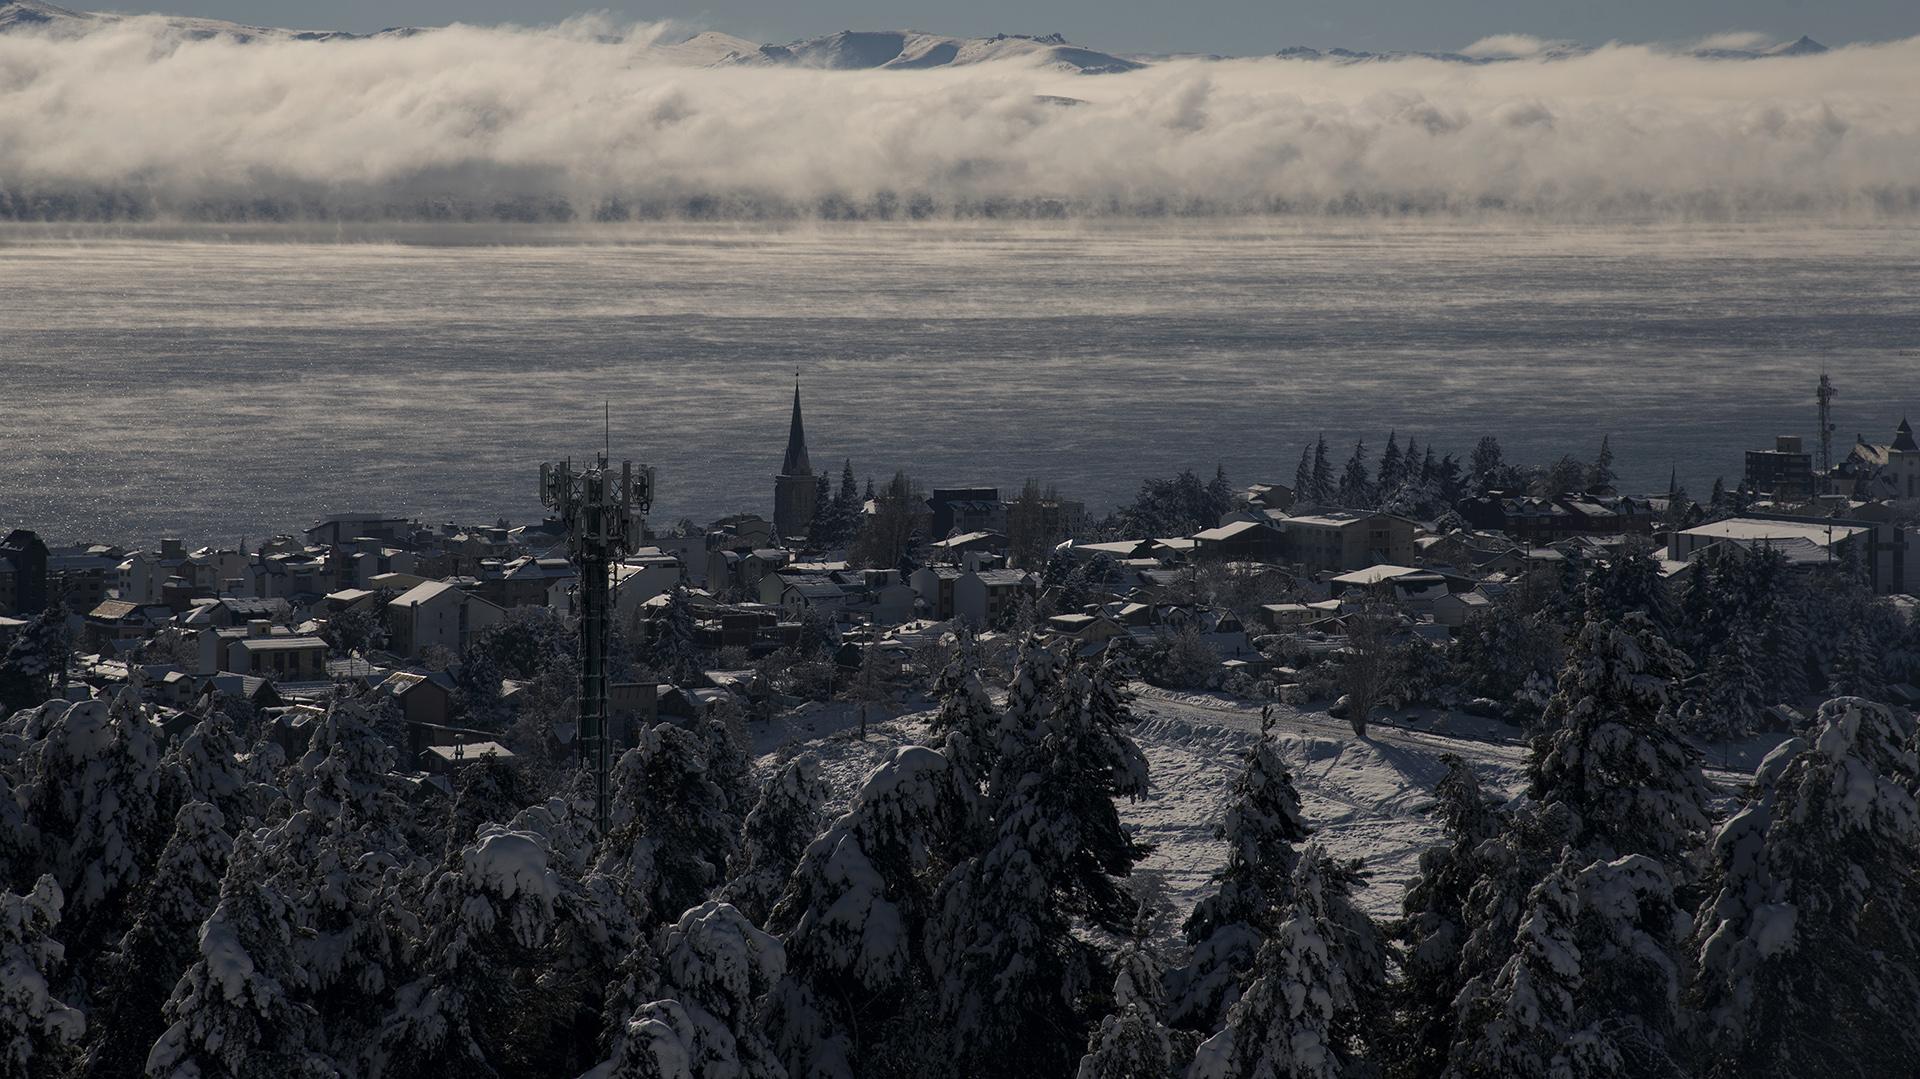 Uno de los principales destinos turísticos de invierno comenzó la temporada vacaciones vestida de blanco